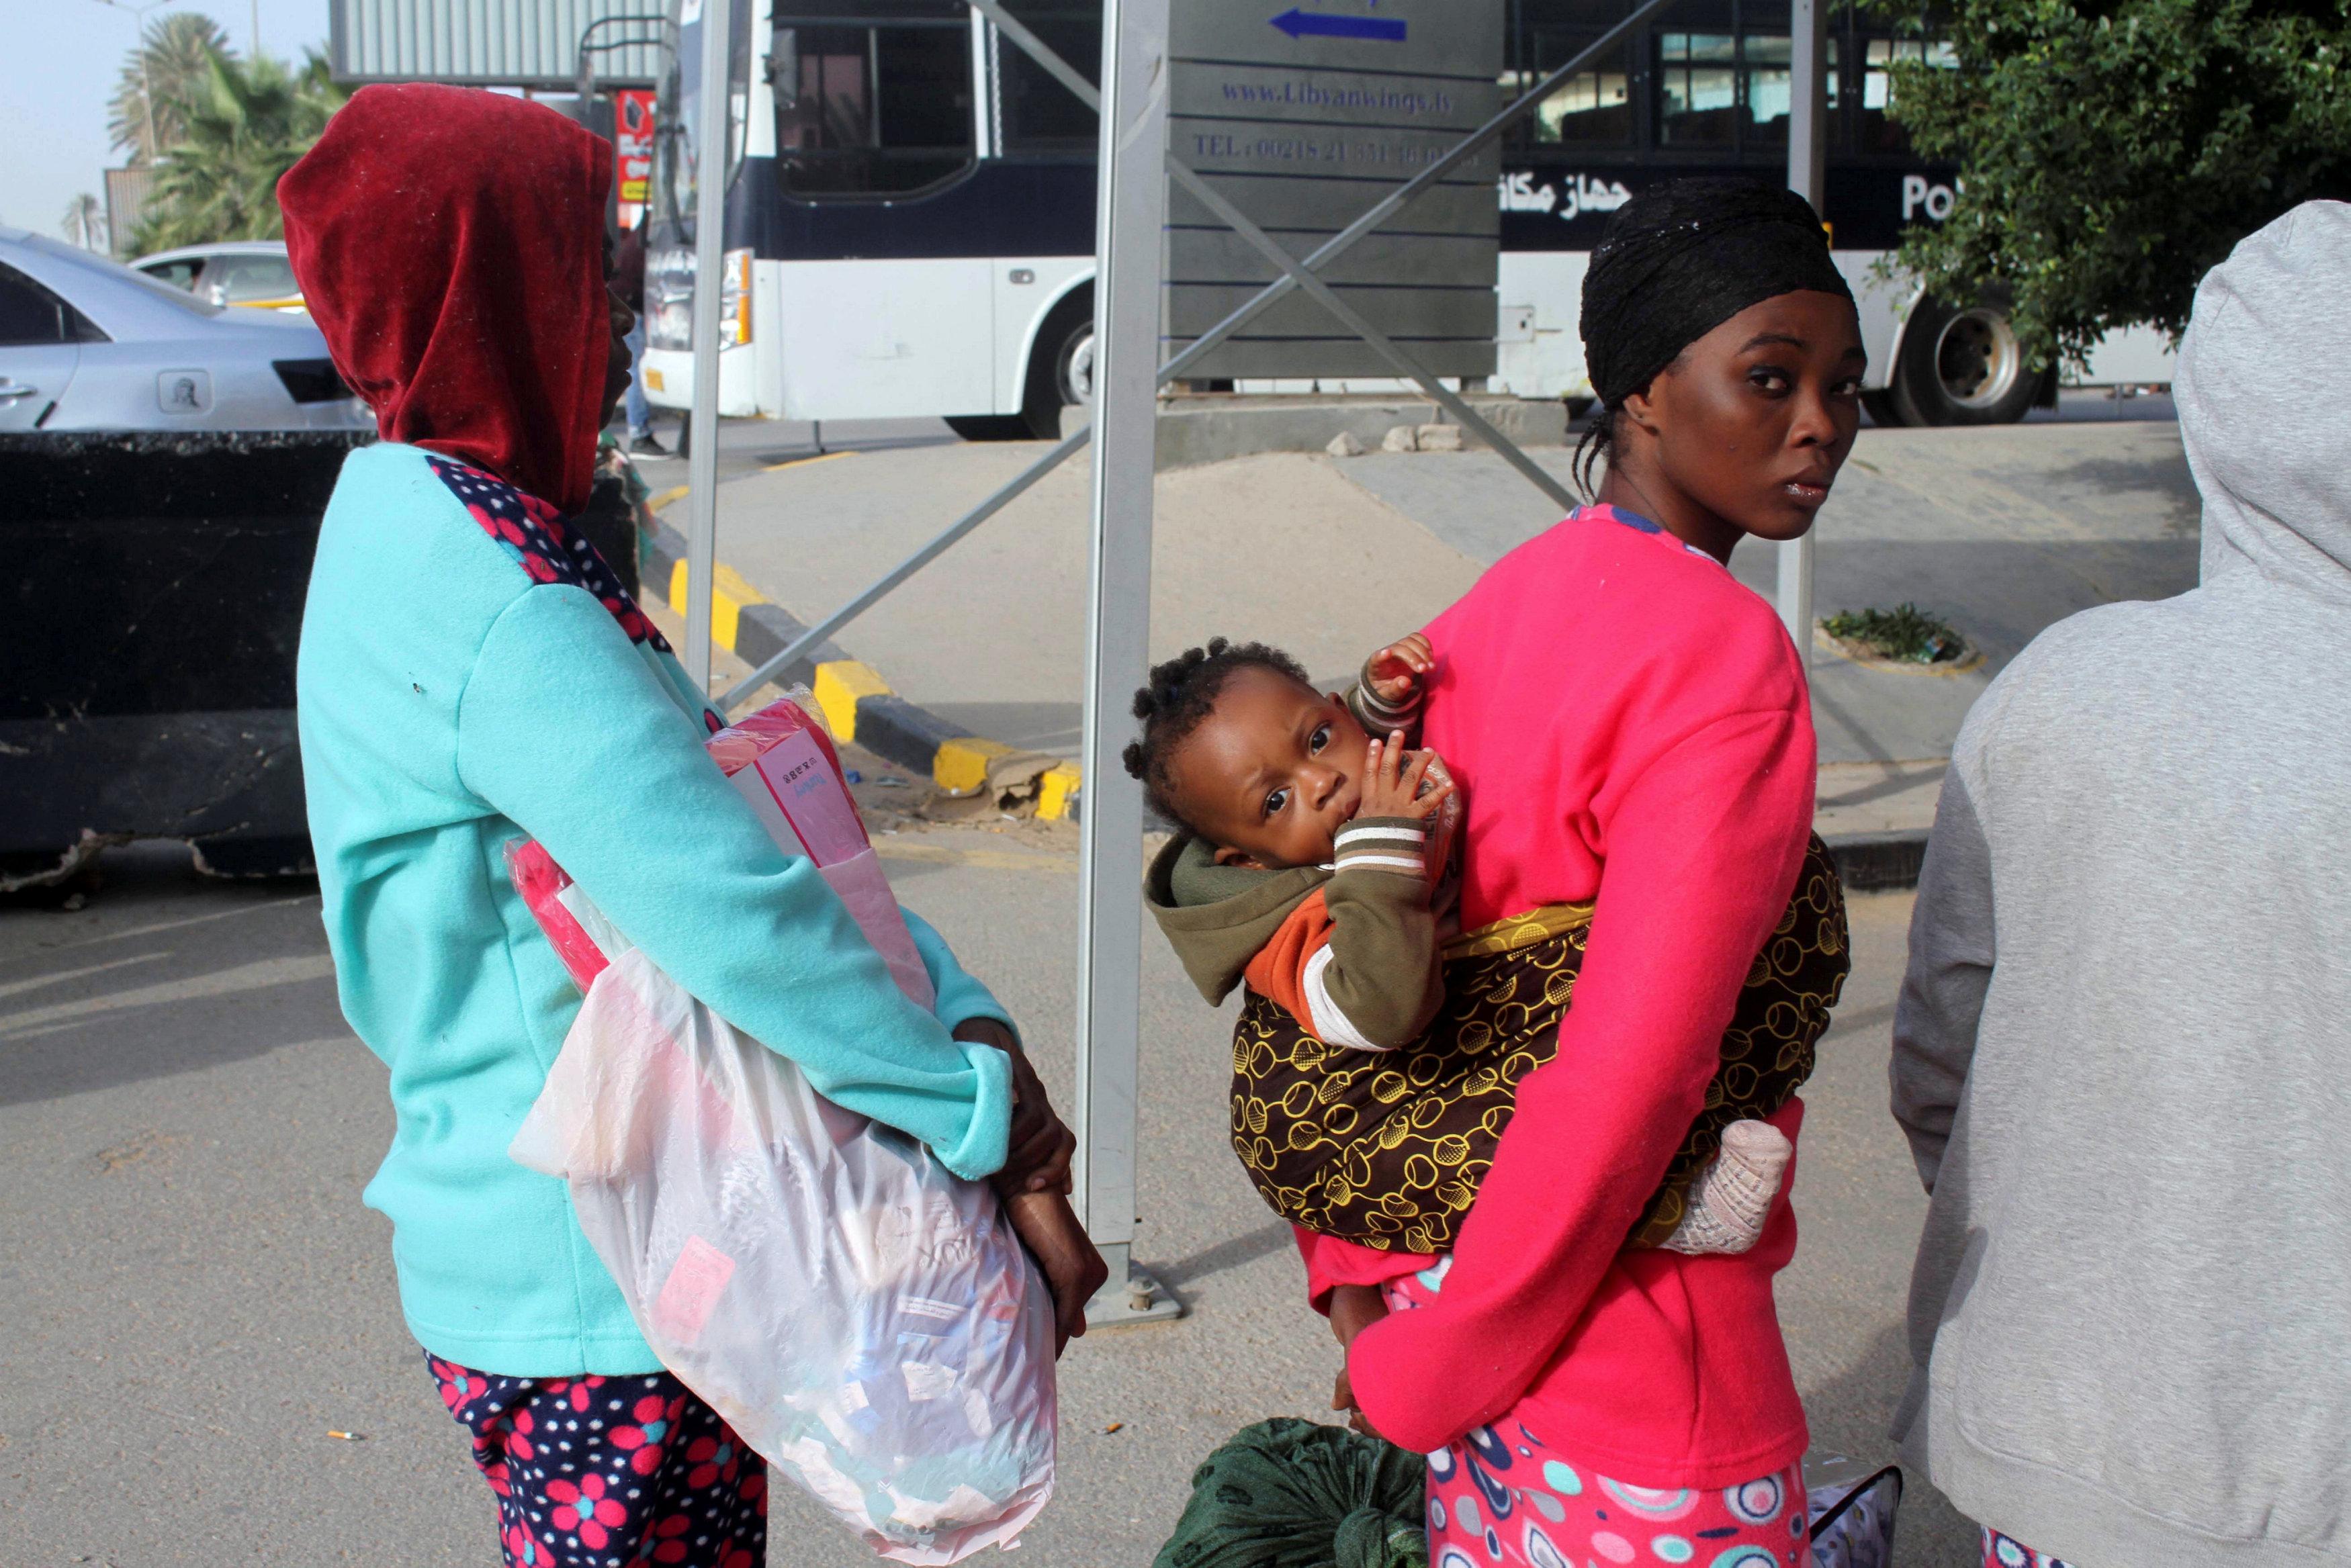 مكافحة الهجرة غير القانونية في طرابلس